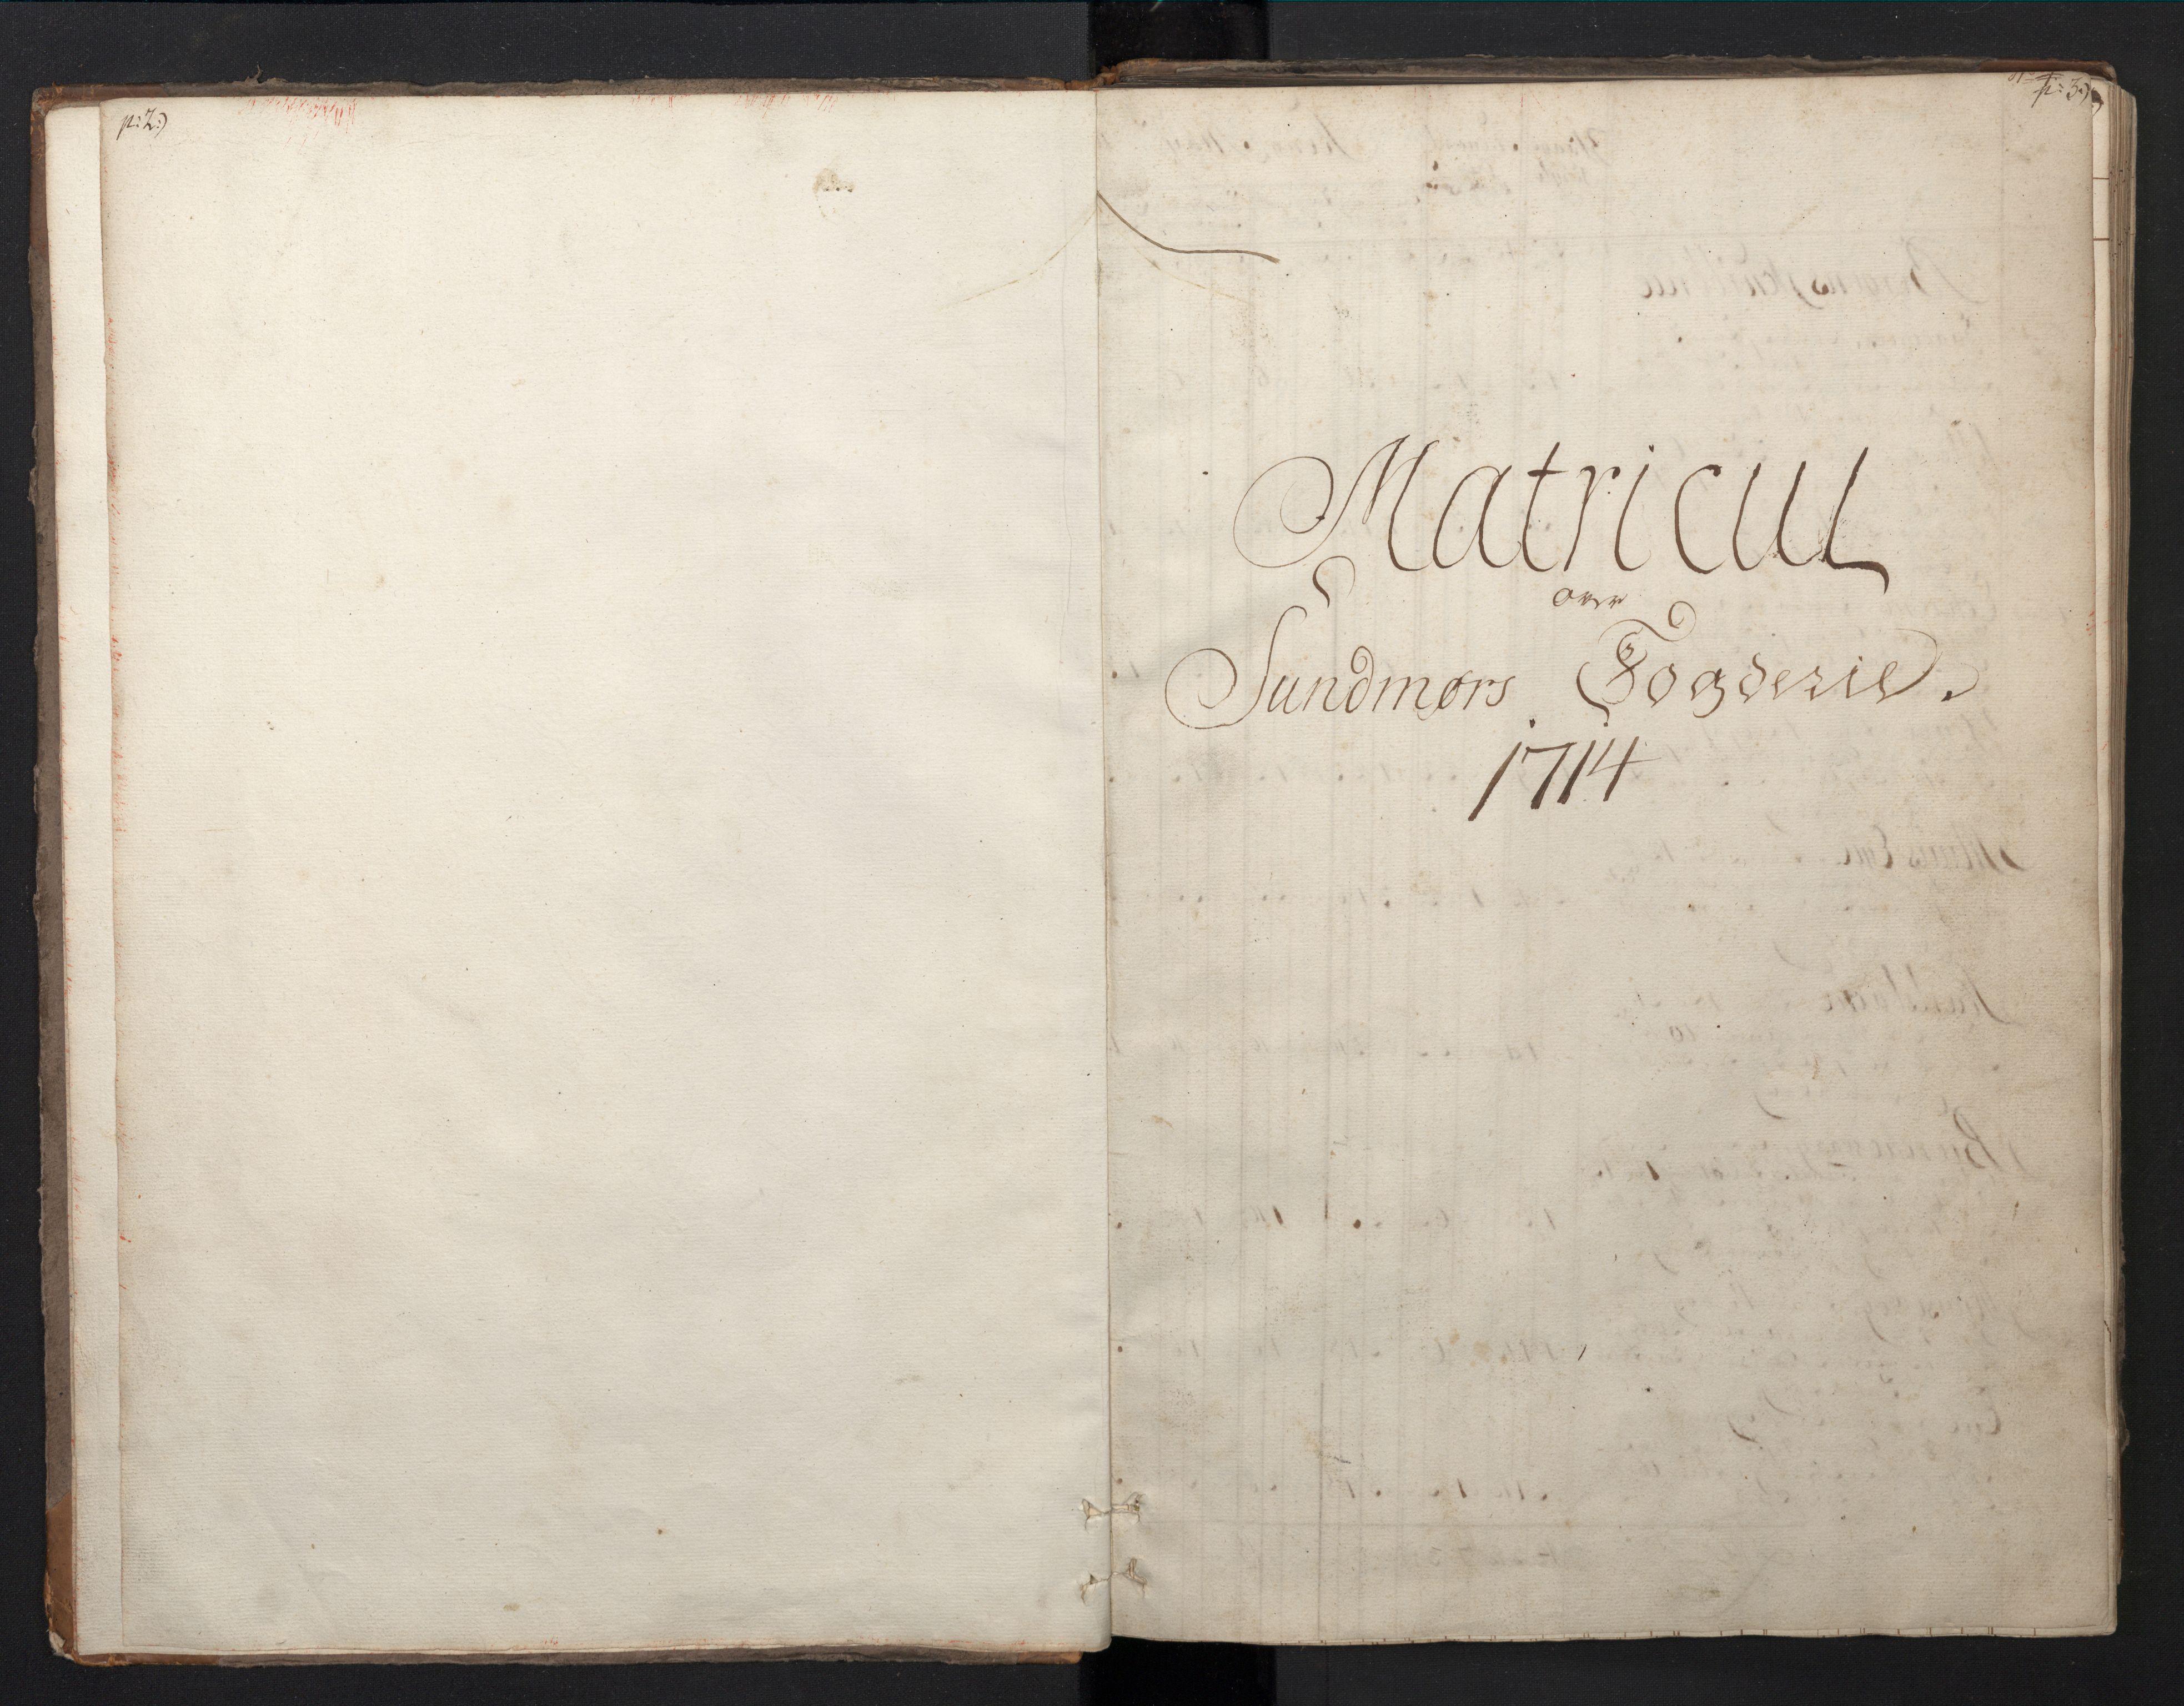 RA, Rentekammeret inntil 1814, Realistisk ordnet avdeling, N/Nb/Nbf/L0149: Sunnmøre, prøvematrikkel, 1714, s. 2-3